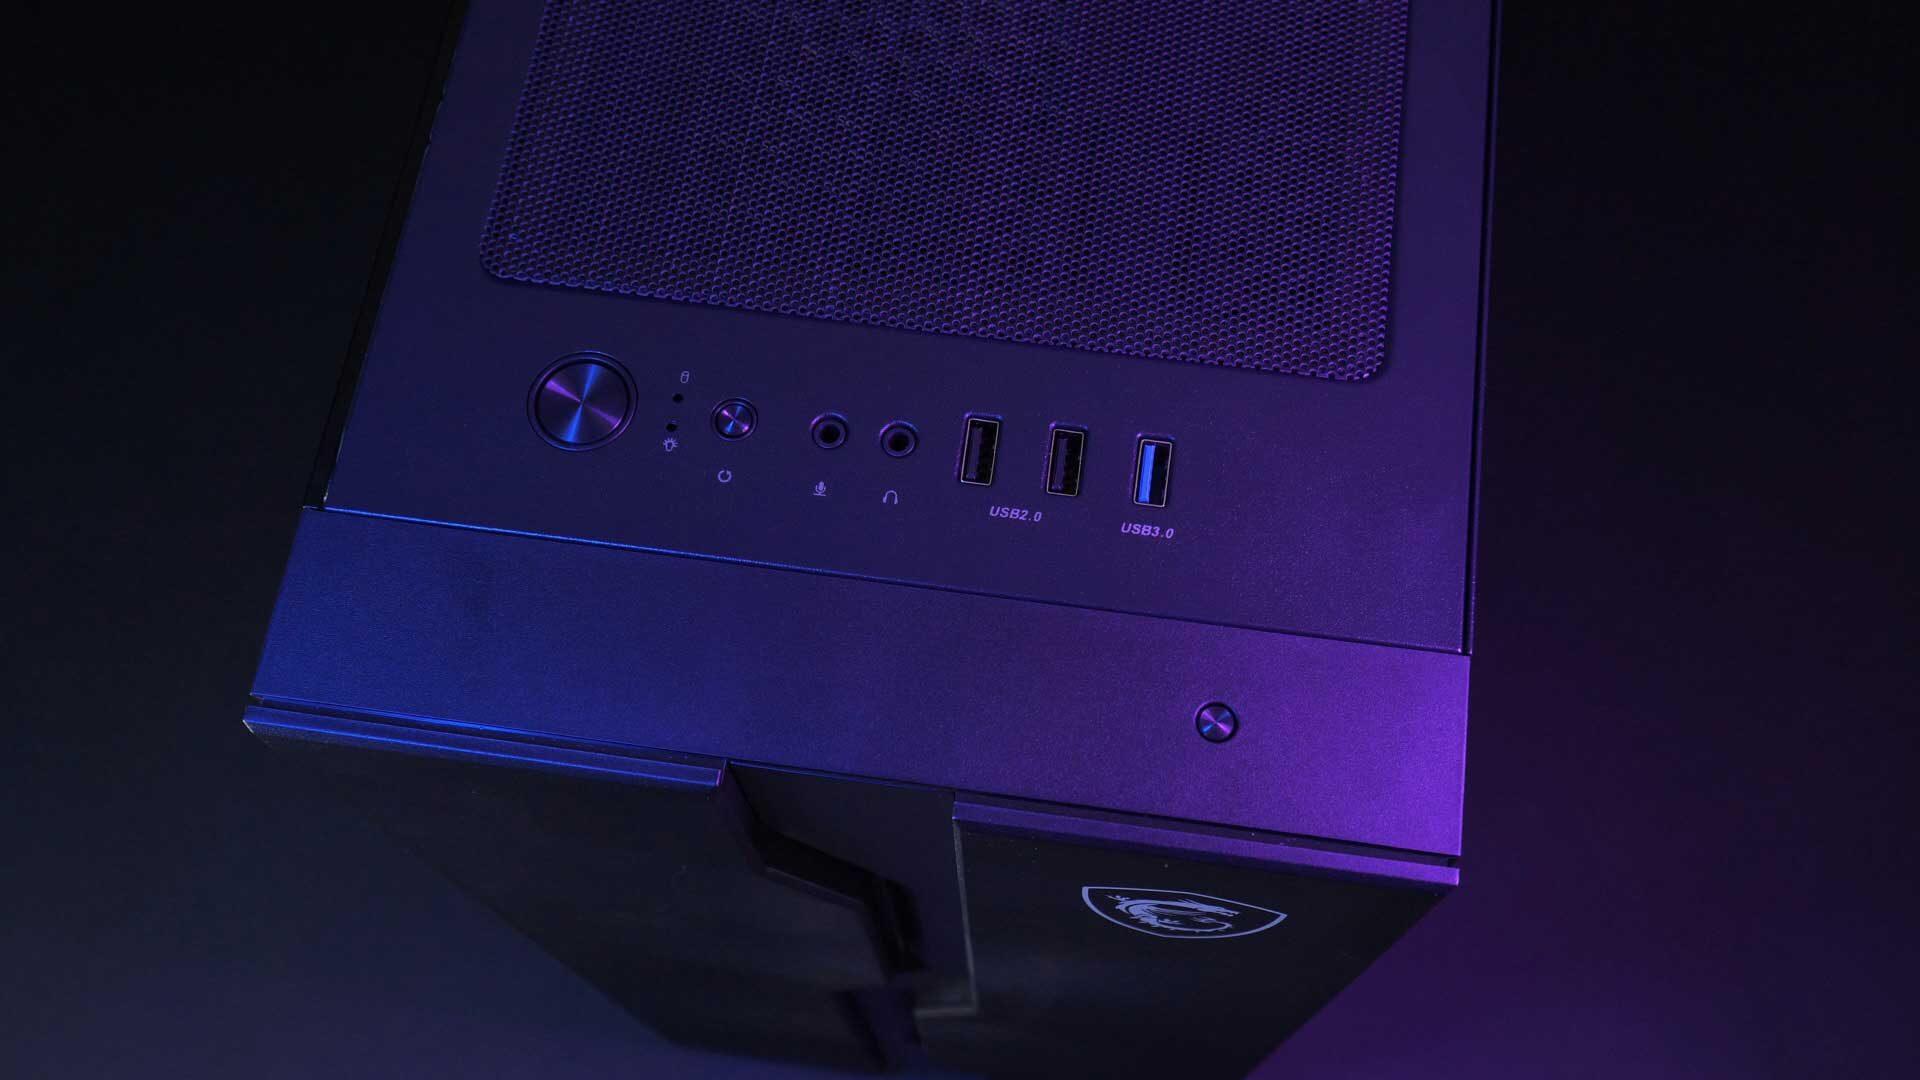 MSI-Vampiric-010-03